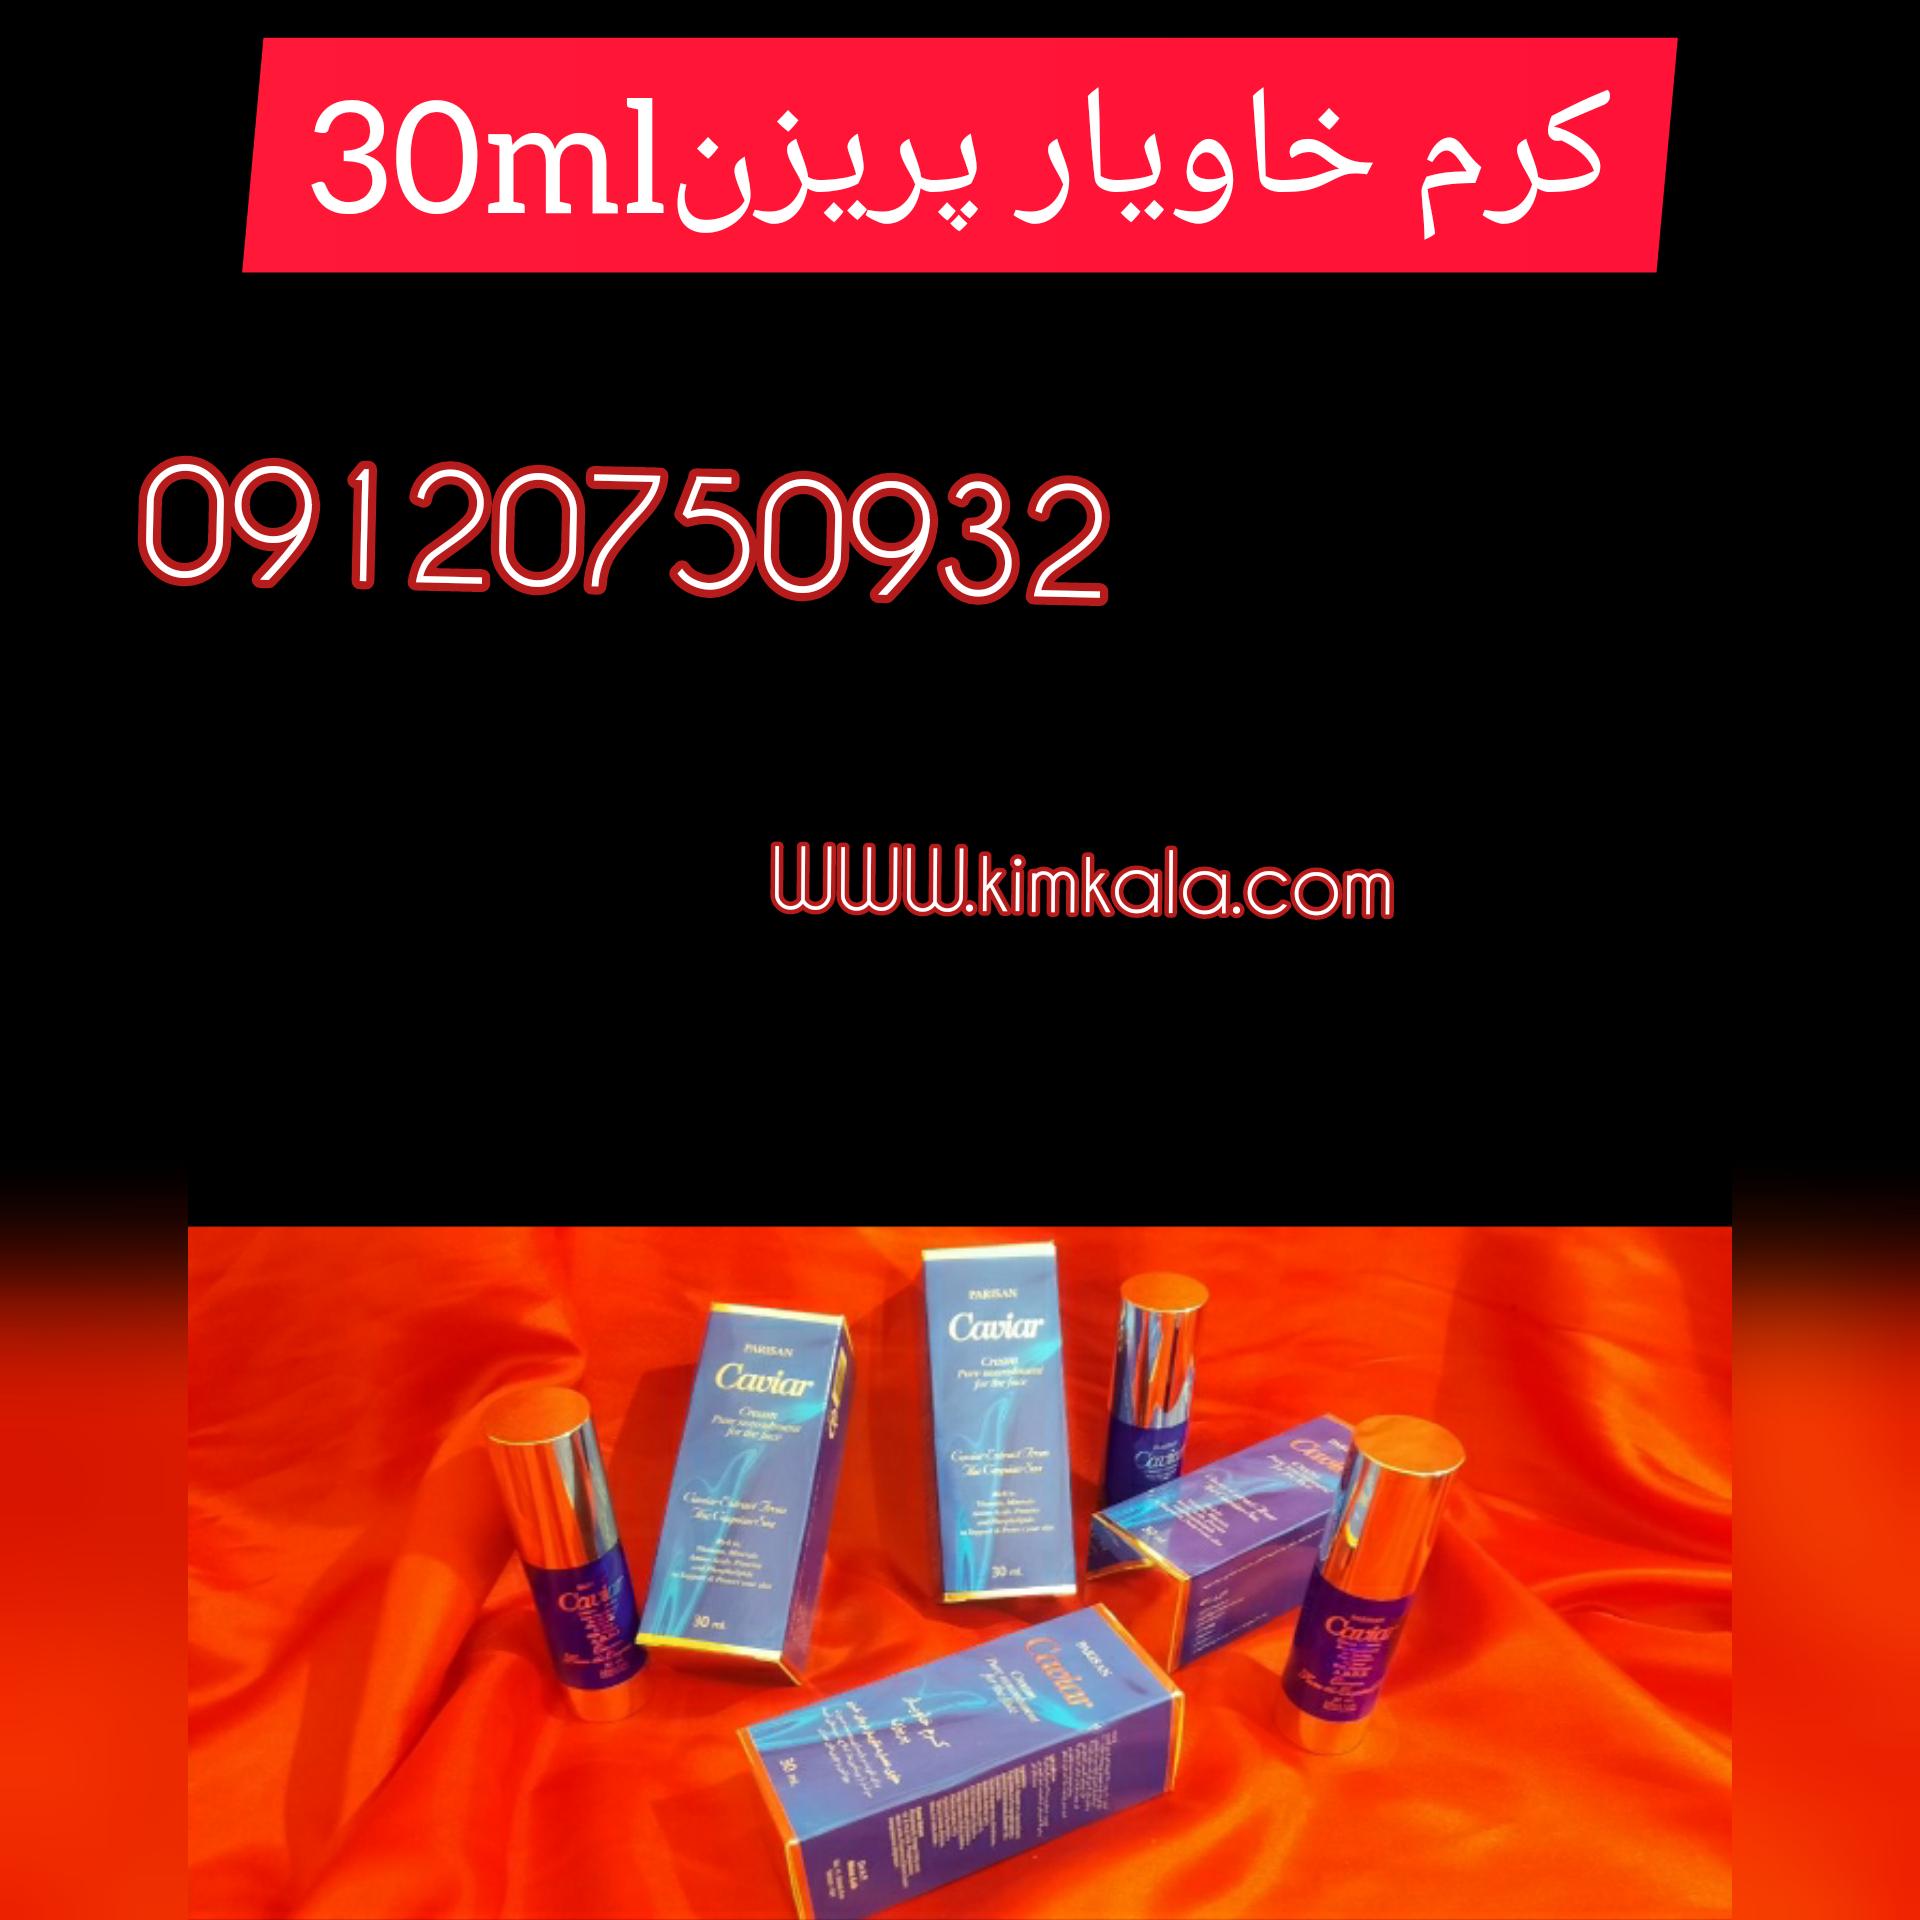 کرم خاویار دورچشم پریزن 30ml/ترکیبات کرم خاویار/09120750932